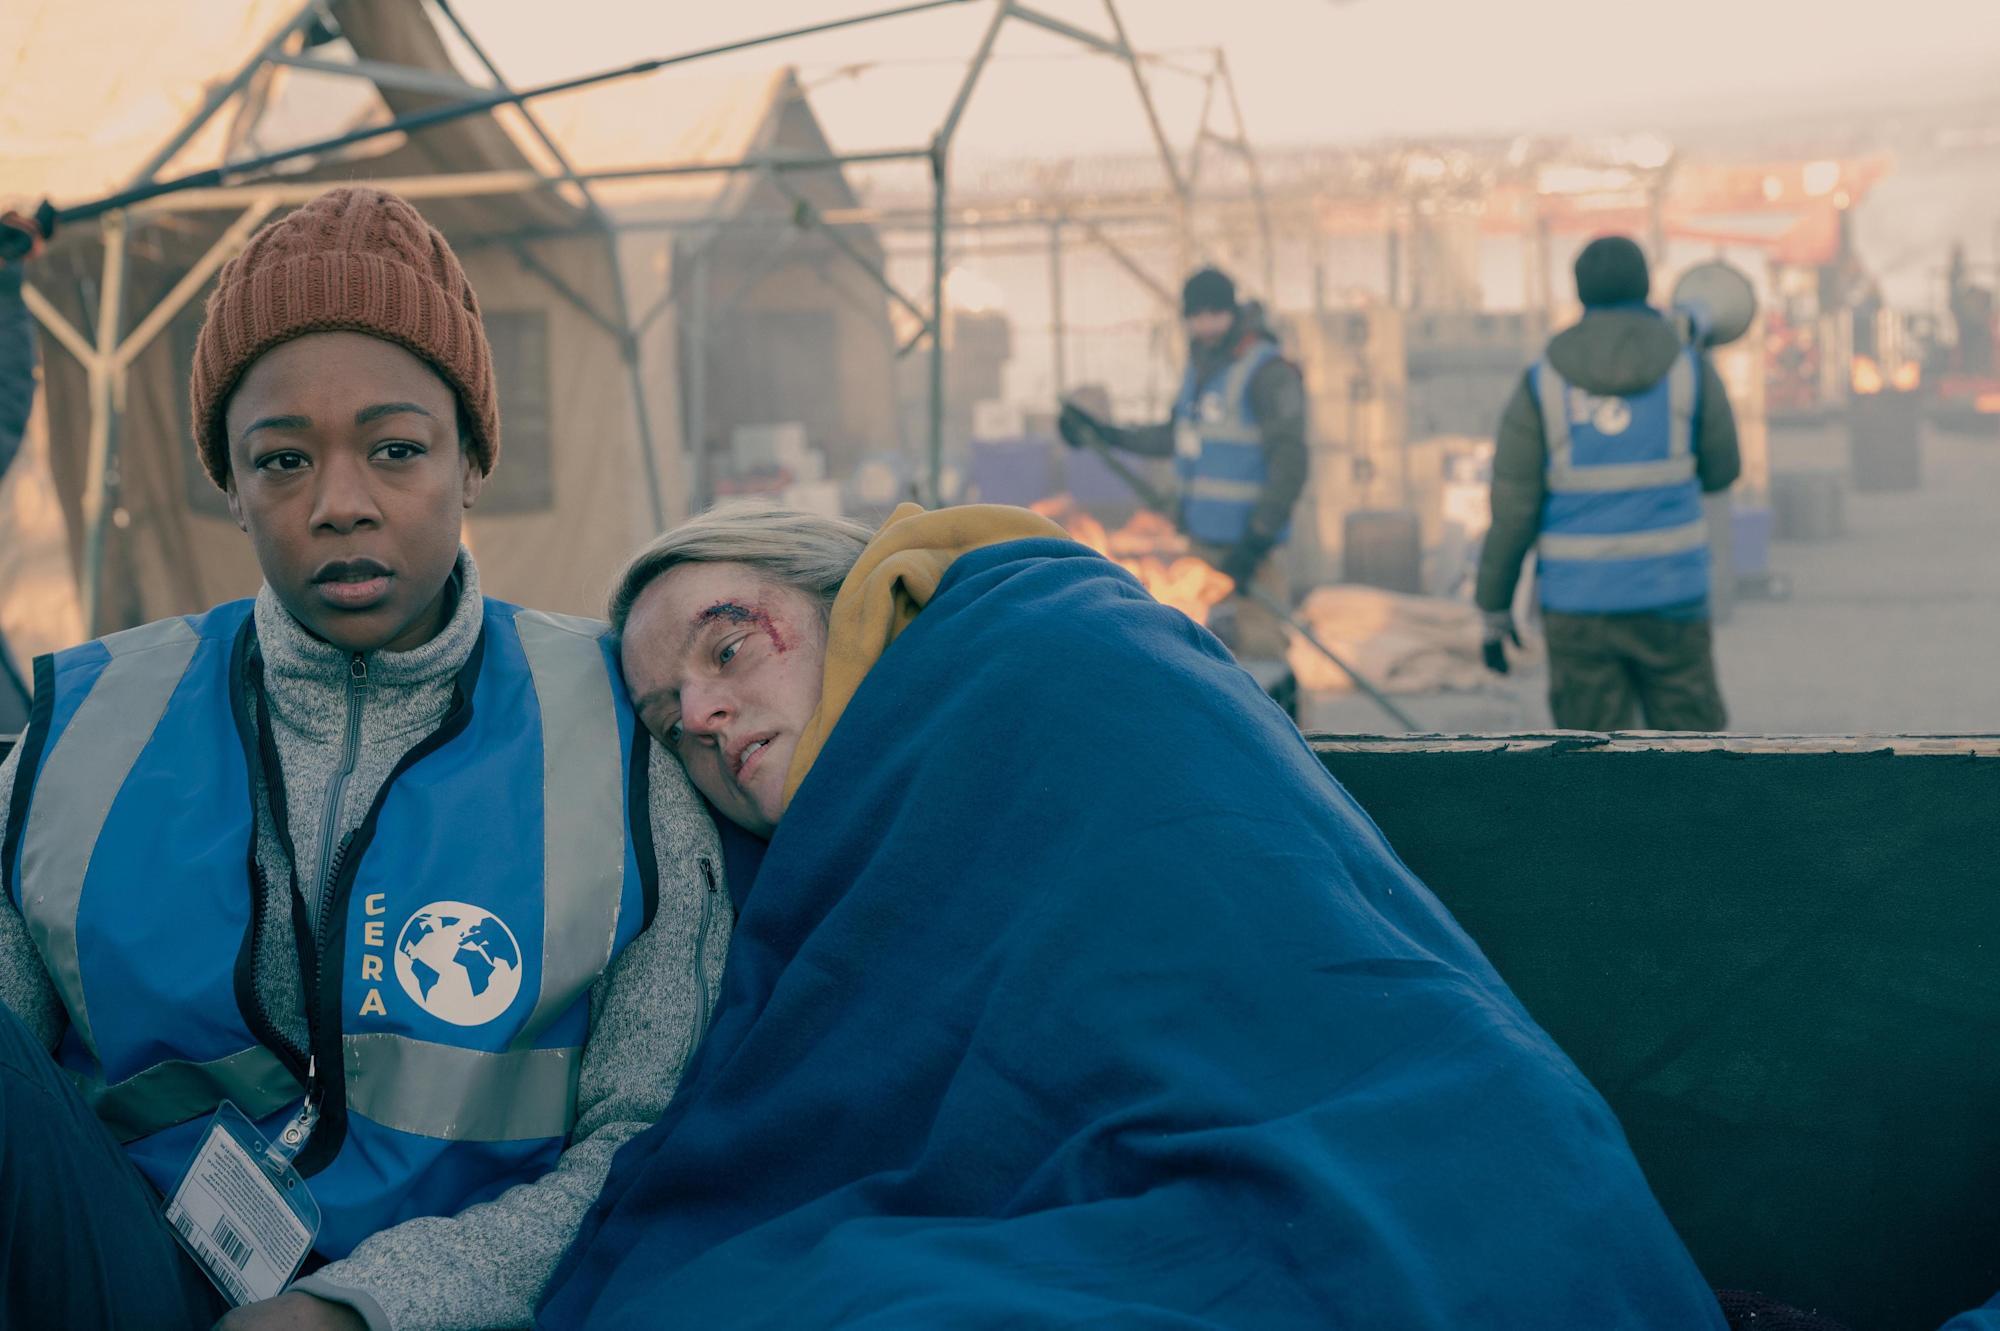 A imagem retangular é uma cena de The Handmaid's Tale. À esquerda há Samira Wiley, uma mulher negra e jovem e à sua direita há Elisabeth Moss, uma mulher branca, jovem, loira de cabelos curtos e bagunçados. Elas estão com roupas de ONGS, azul e uma manta da mesma cor. Elas estão em uma zona de guerra com diversas tendas e trabalhadores.